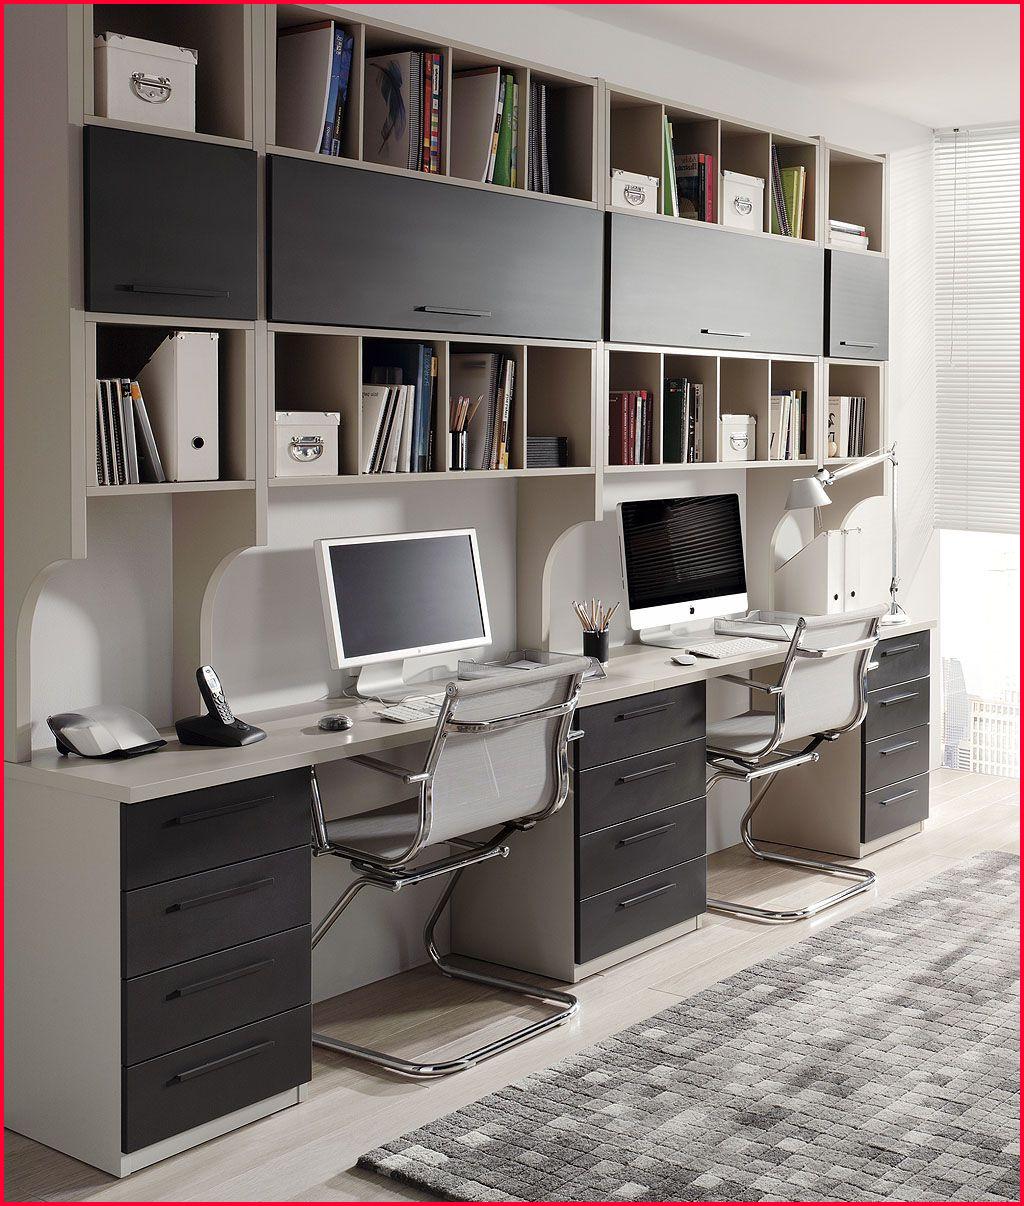 Muebles Estudio Thdr Nuevo Muebles Estudio Coleccià N De Muebles Estilo Muebles Ideas